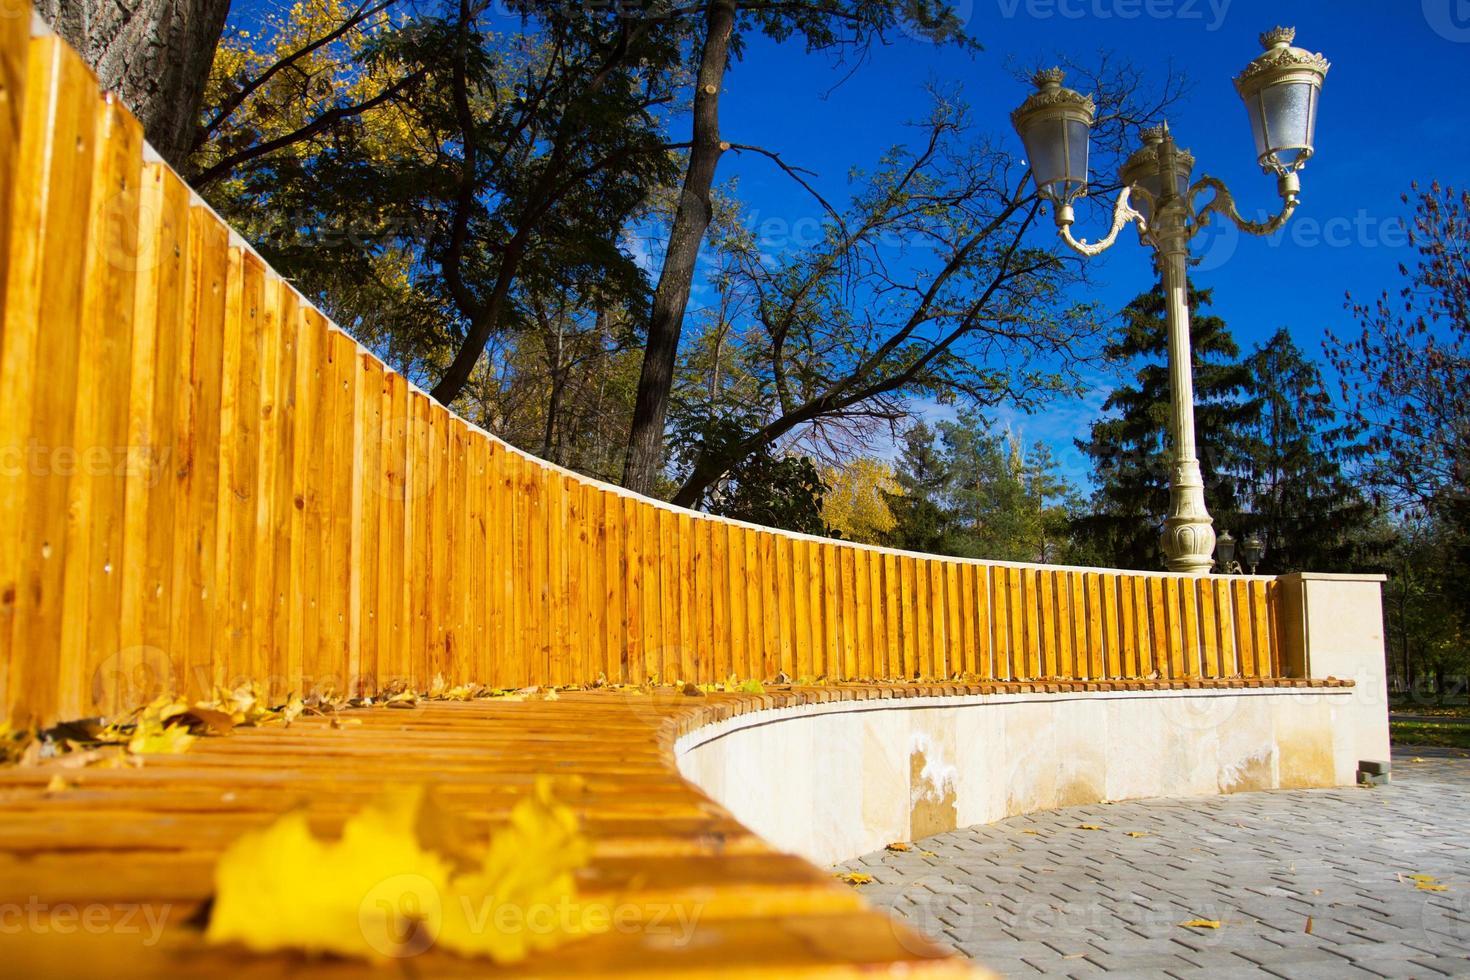 Banco de madera en el parque otoño foto